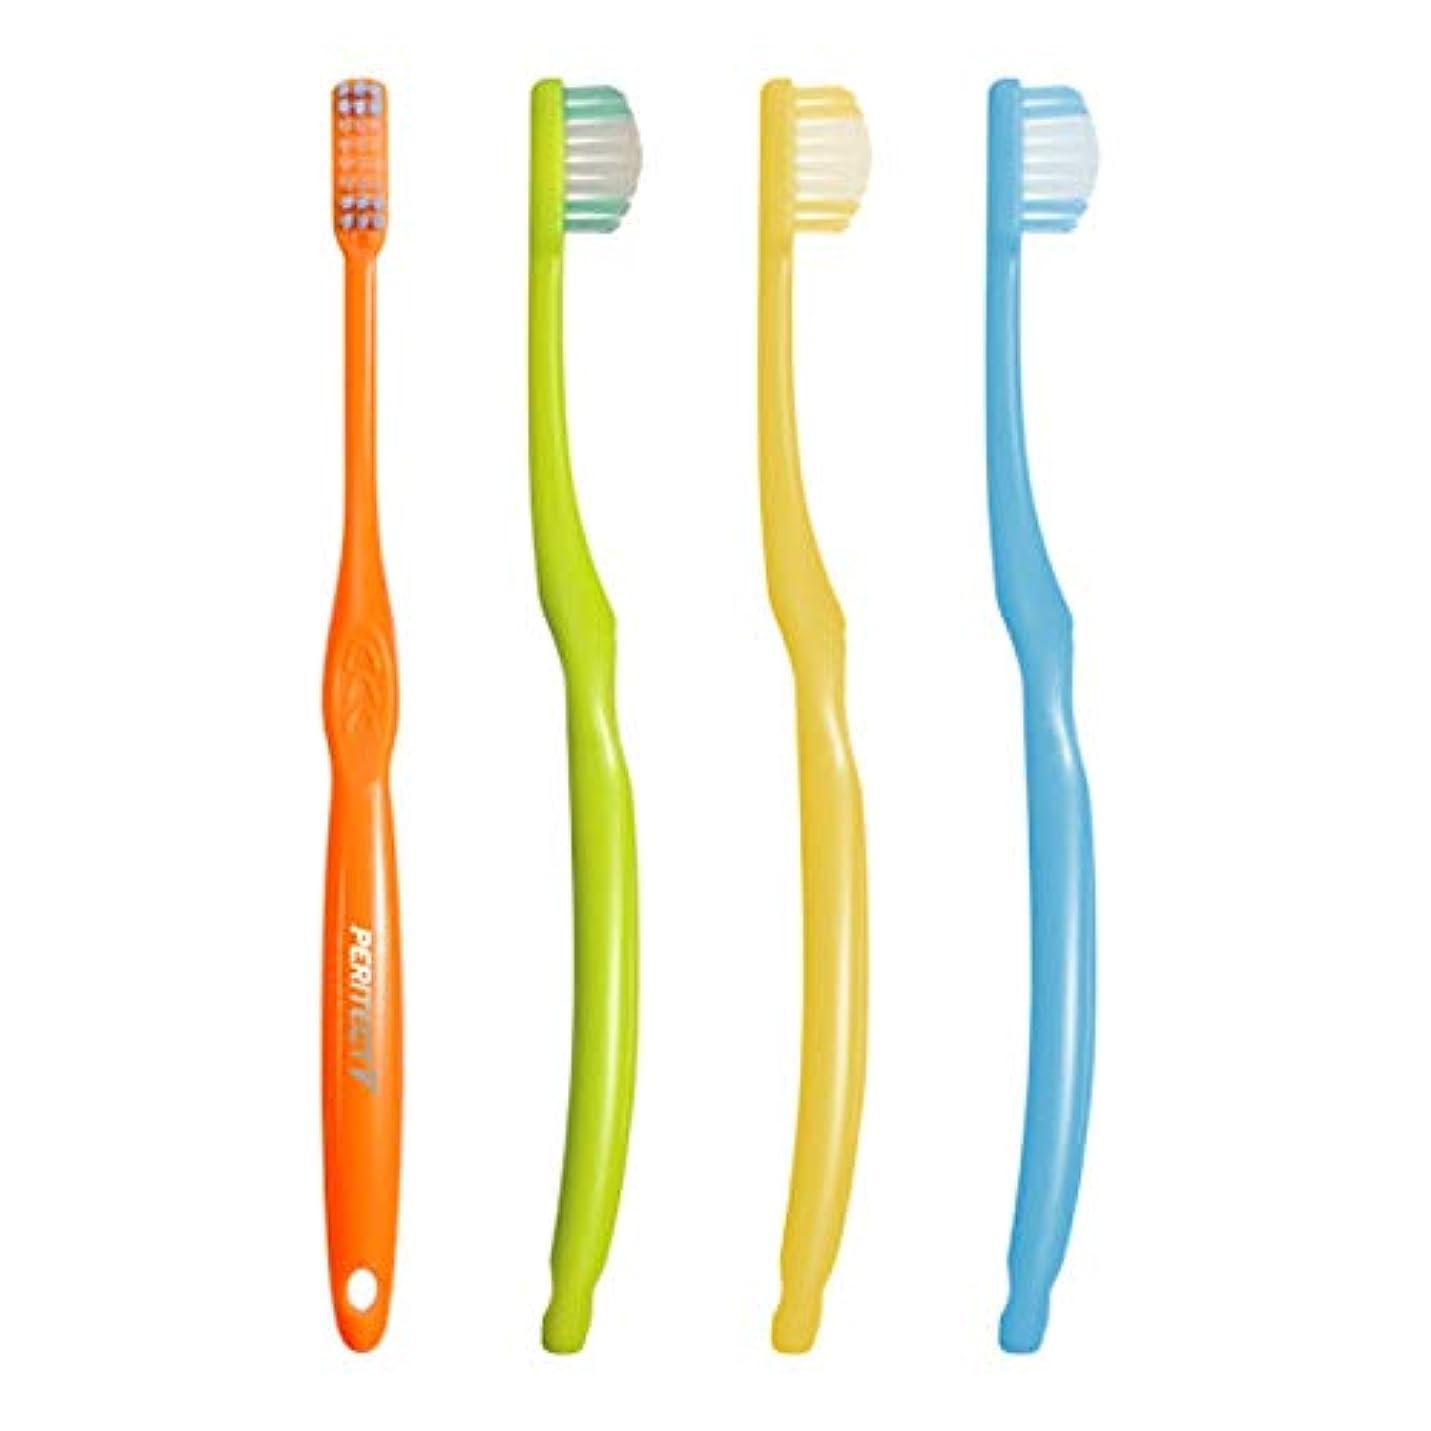 テーマ欠如レイプビーブランド PERITECT V ペリテクト ブイ 8M(ふつう)×10本 ハブラシ 歯周病予防 歯科専売品